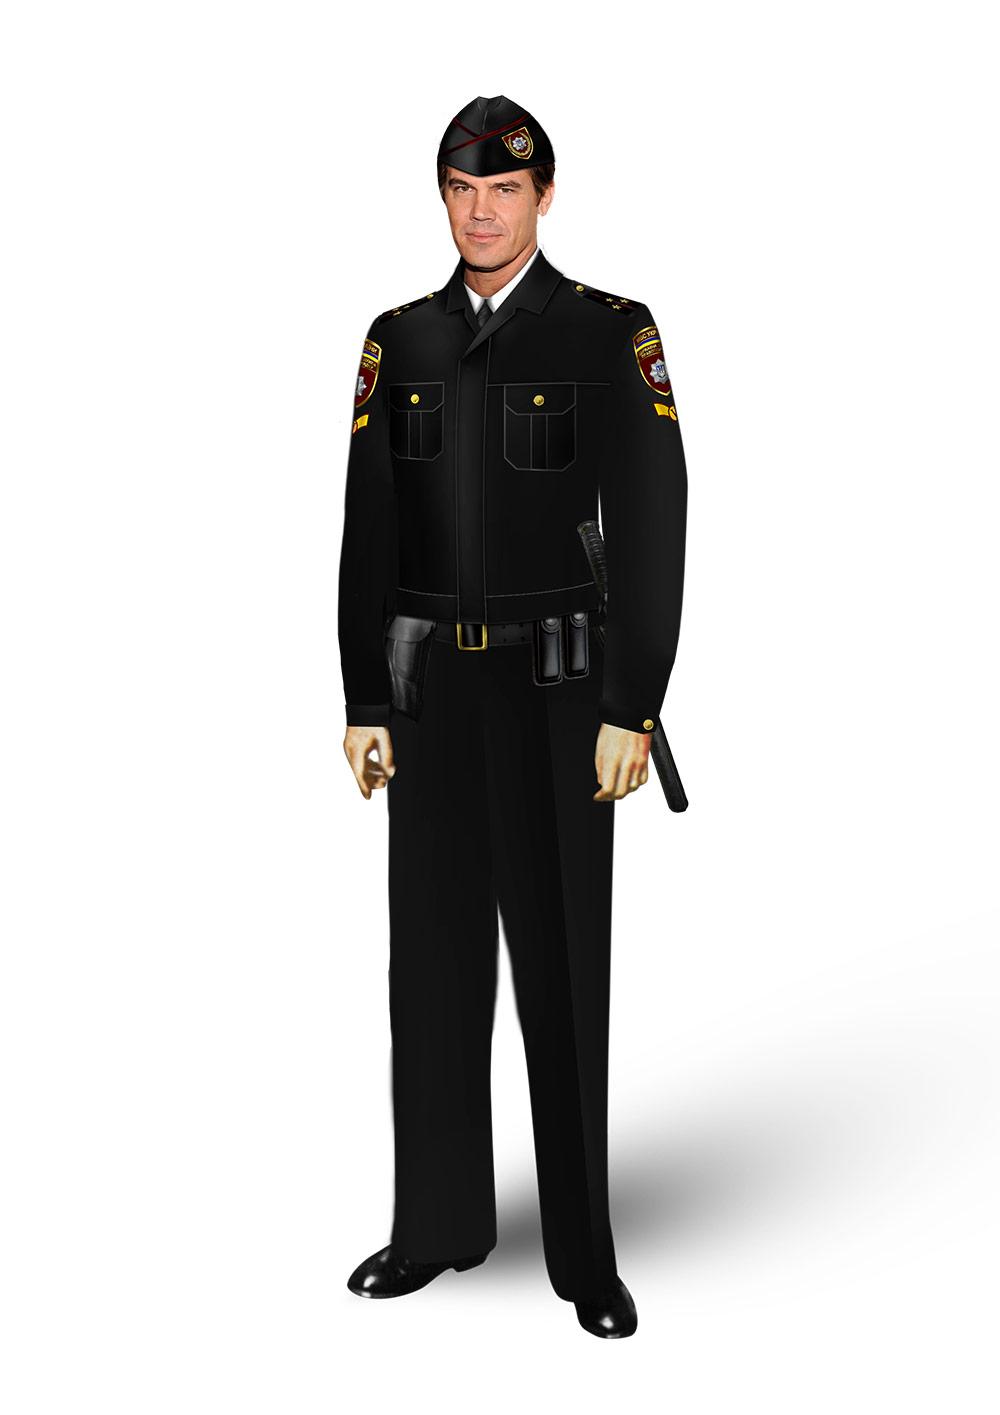 Нова військова форма. Фото надано виробничим концерном «Воєнторг ДіСі»